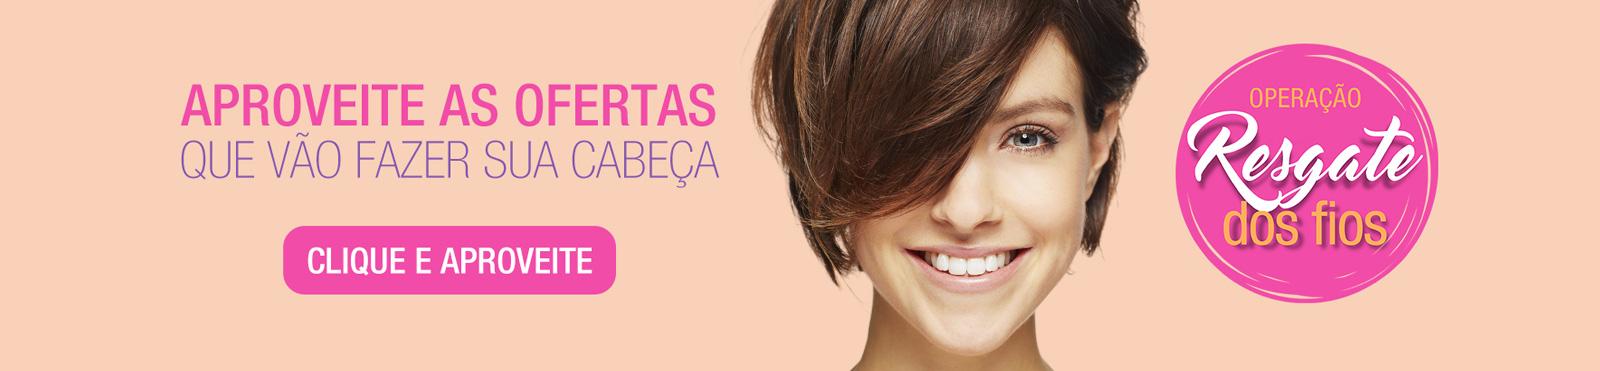 campanha-hair